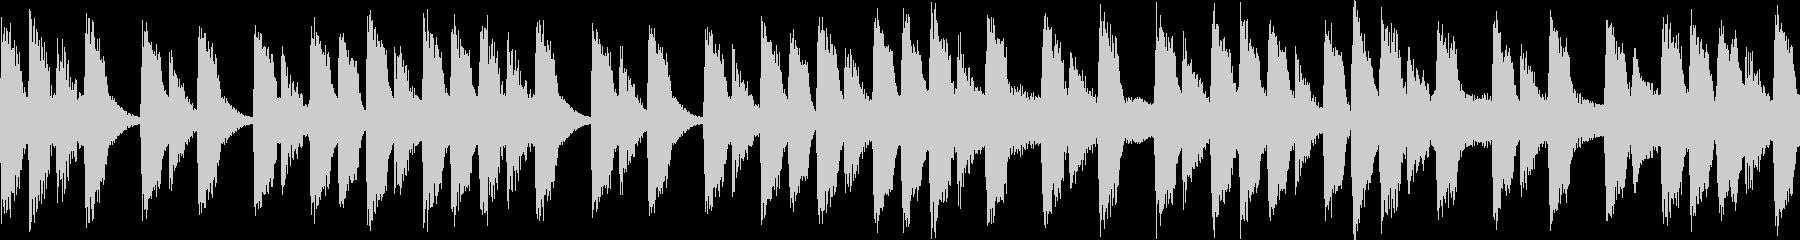 〇ッマン風のファミコンサウンド①の未再生の波形